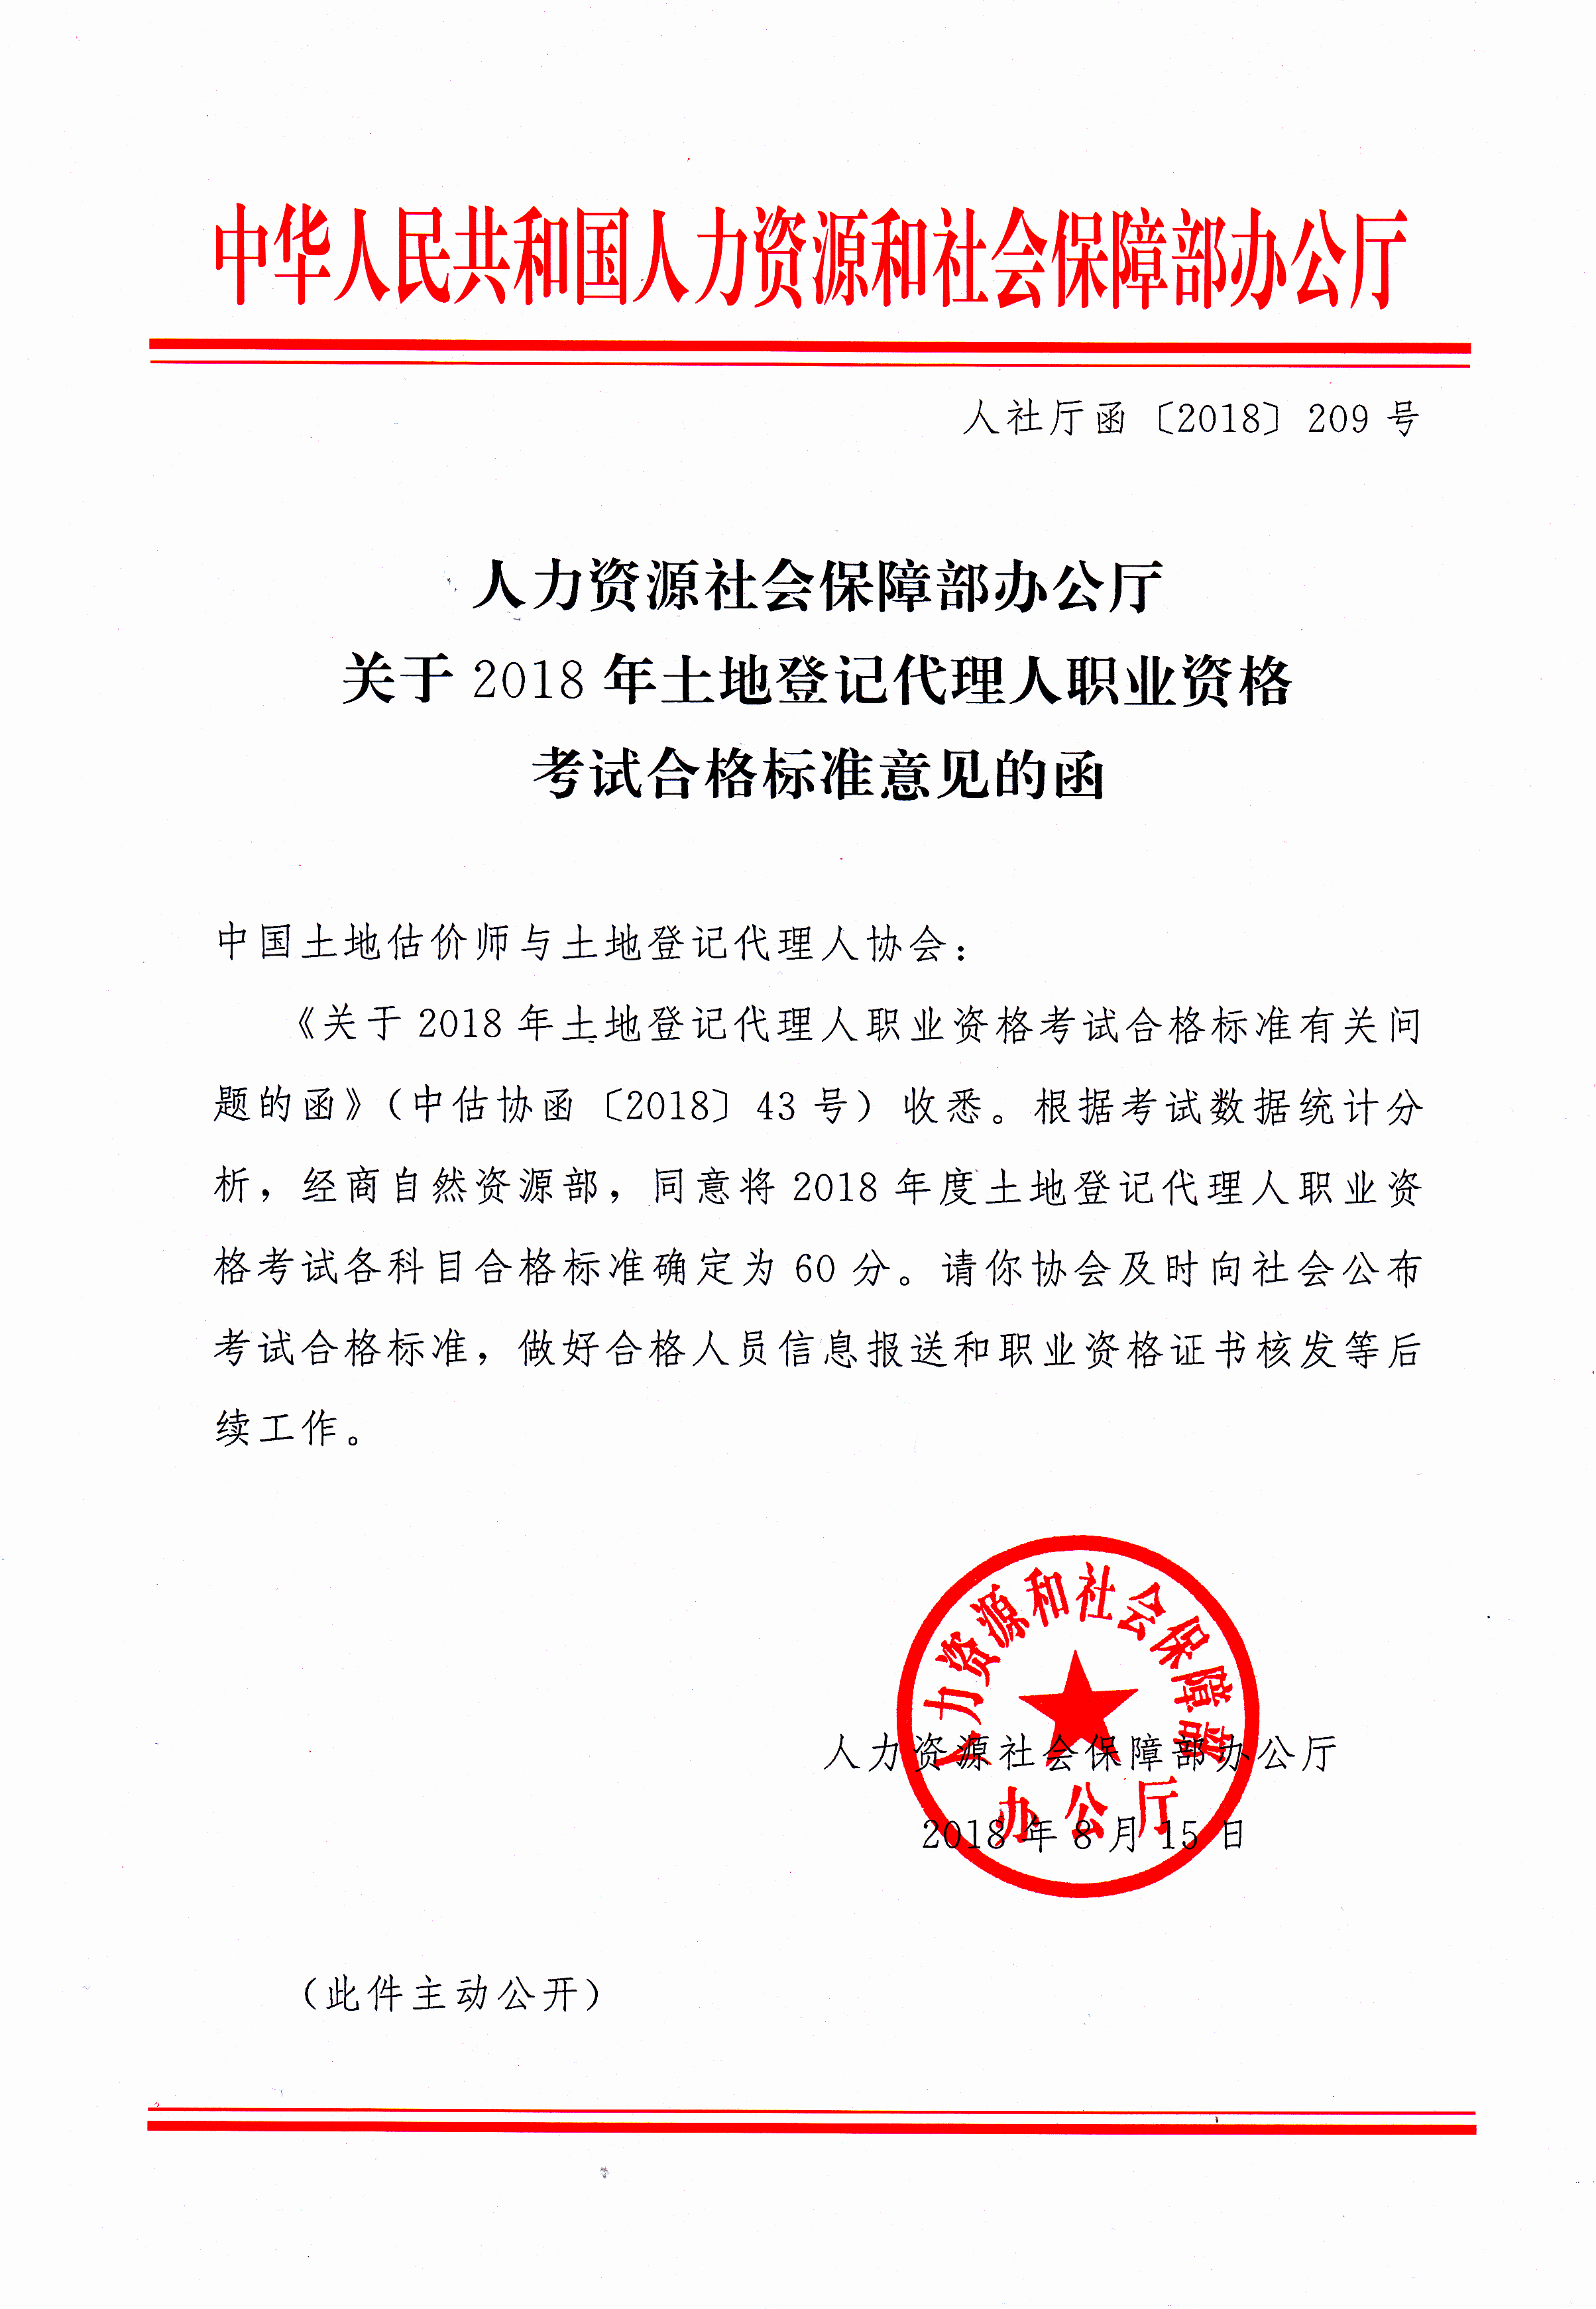 江西2018年土地登记代理人职业资格考试合格标准